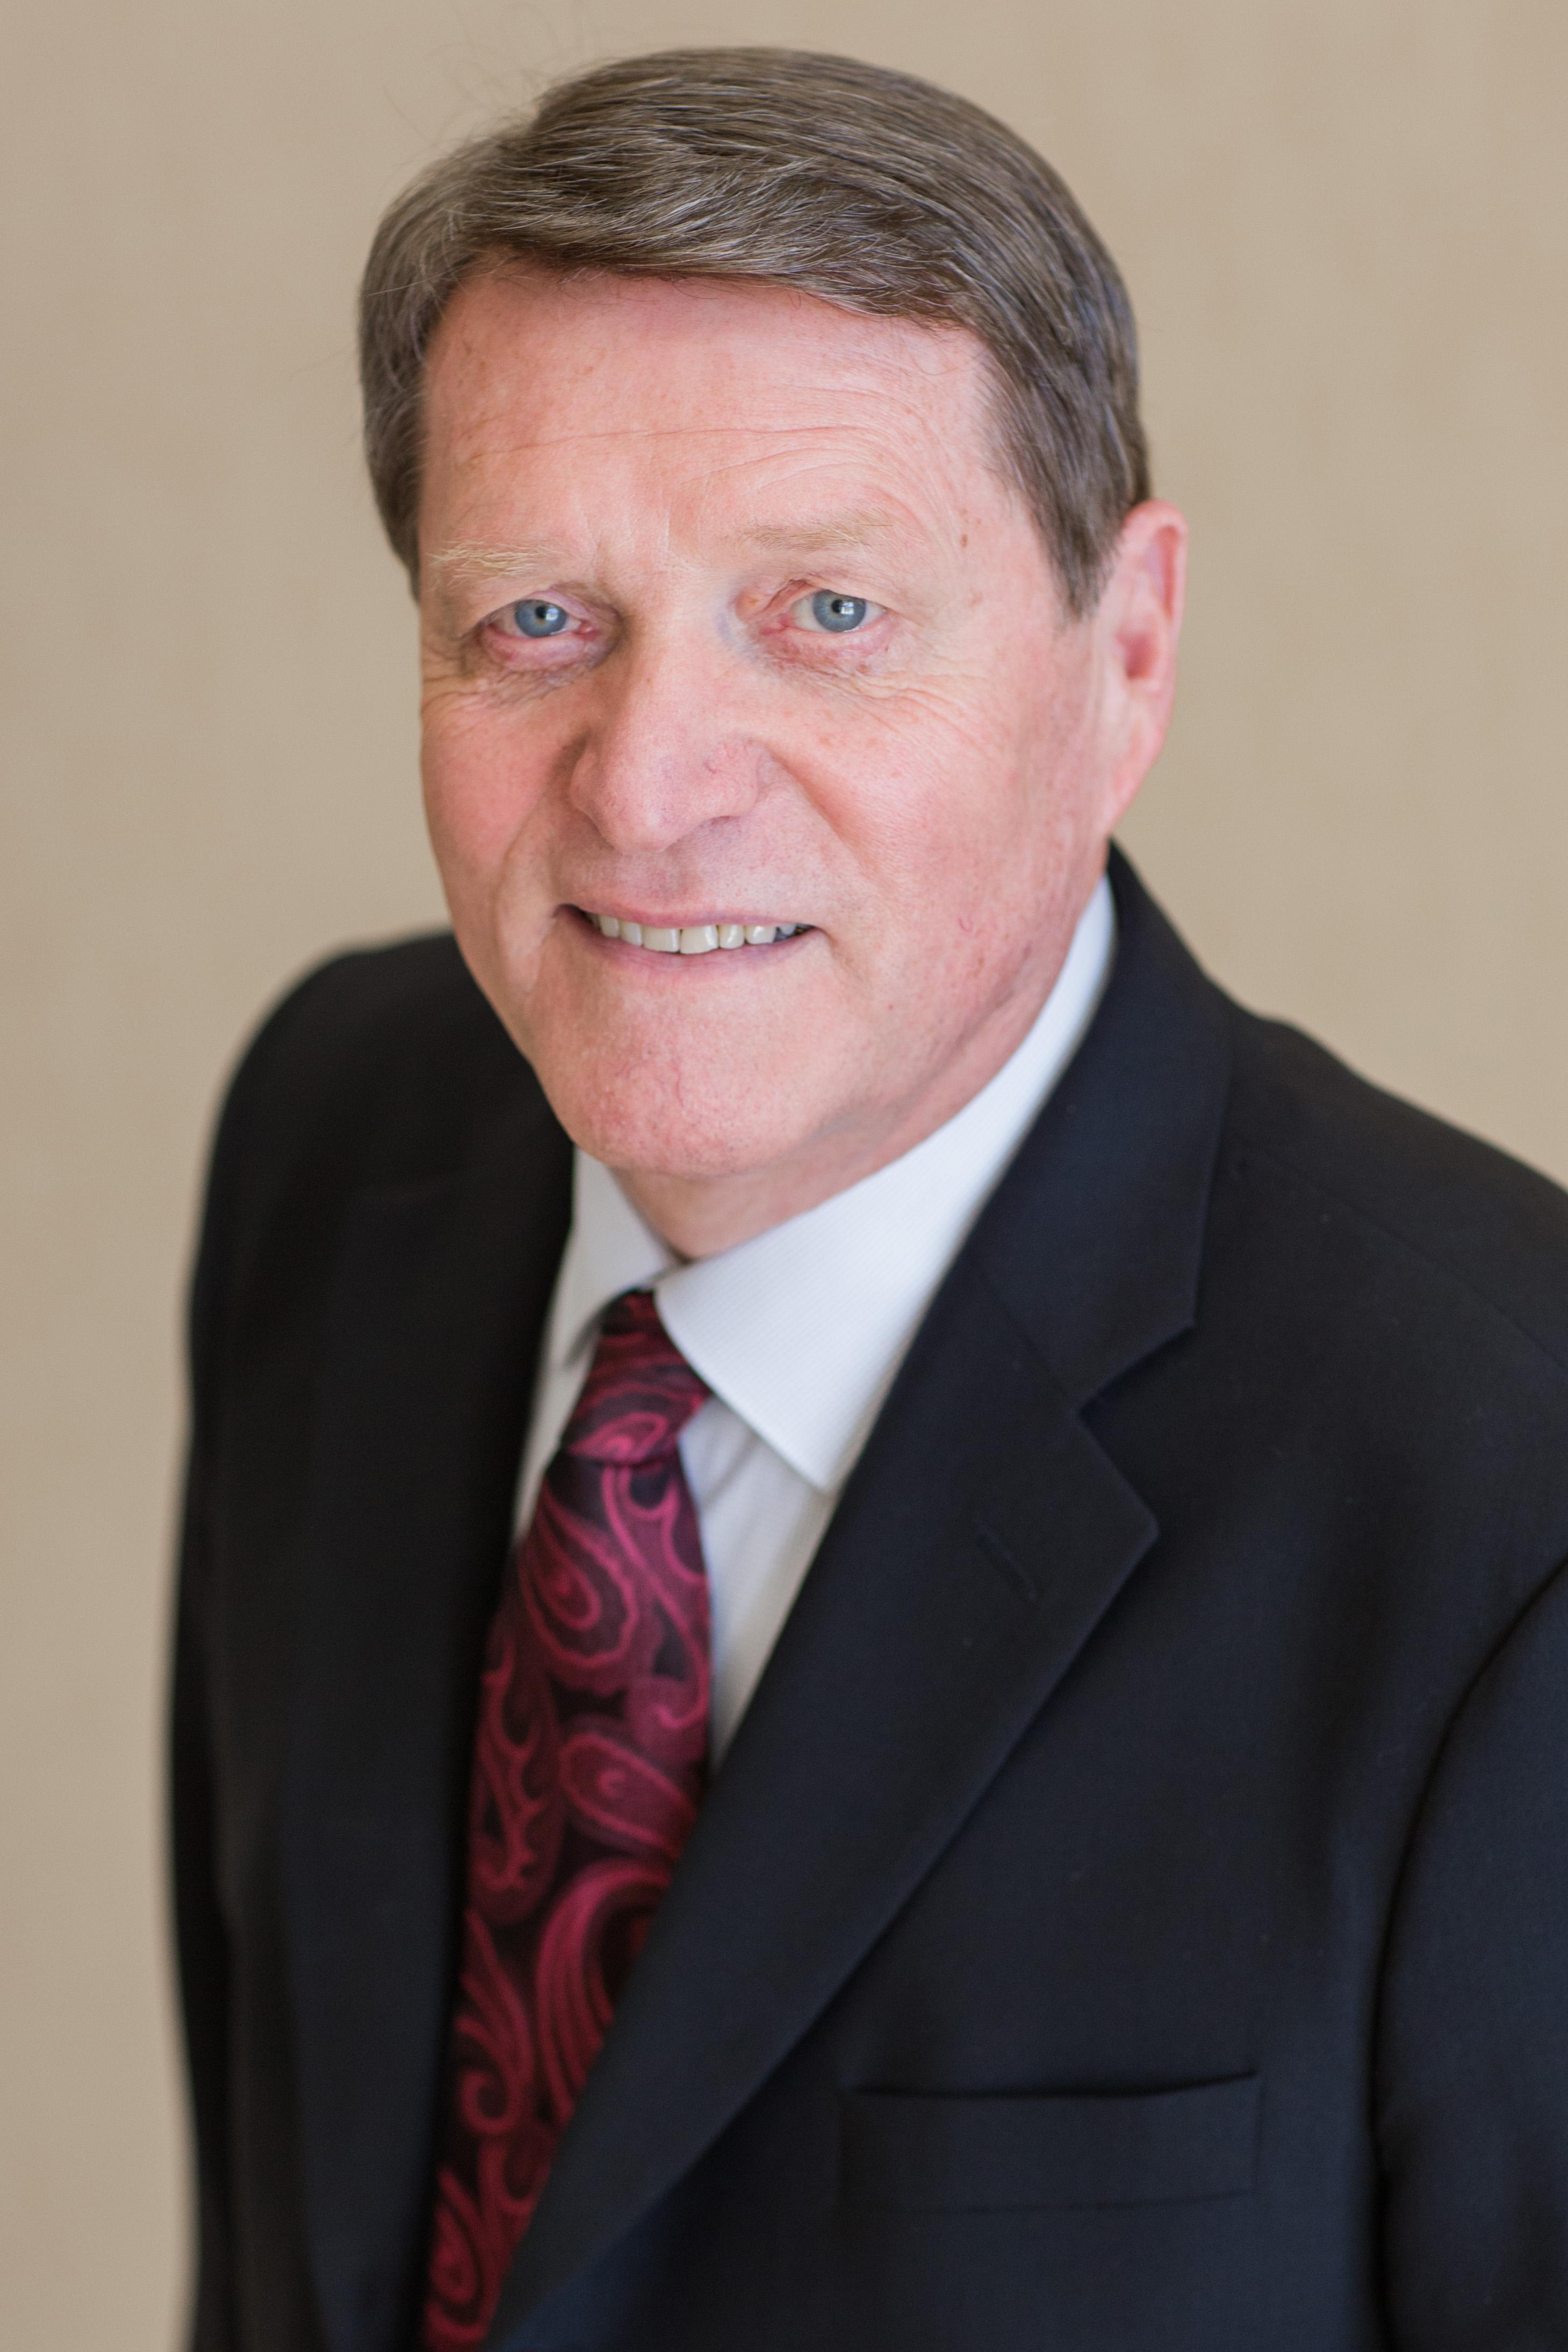 J. David Stephens